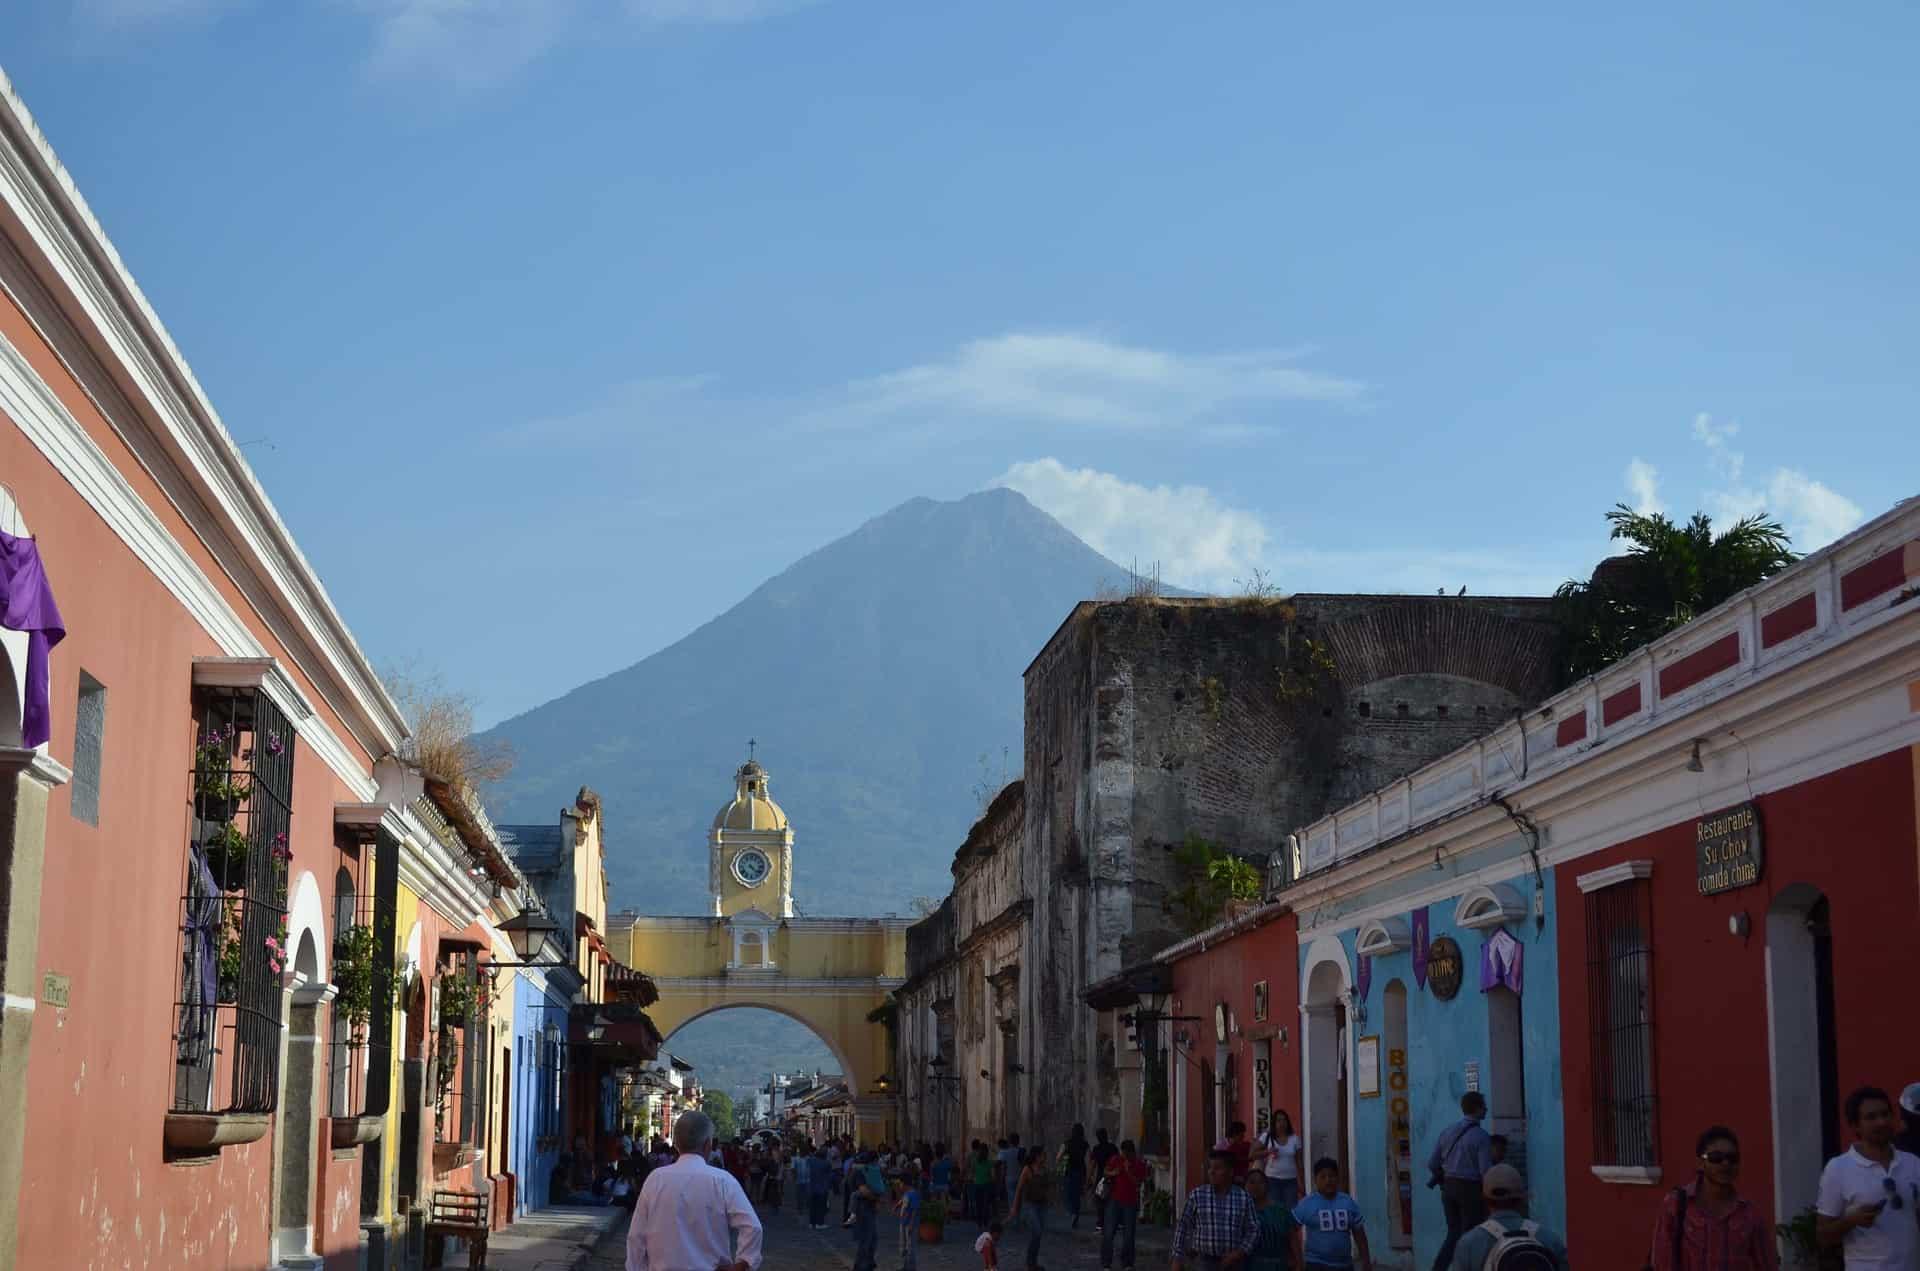 guatemala reizen arco de santa catalina